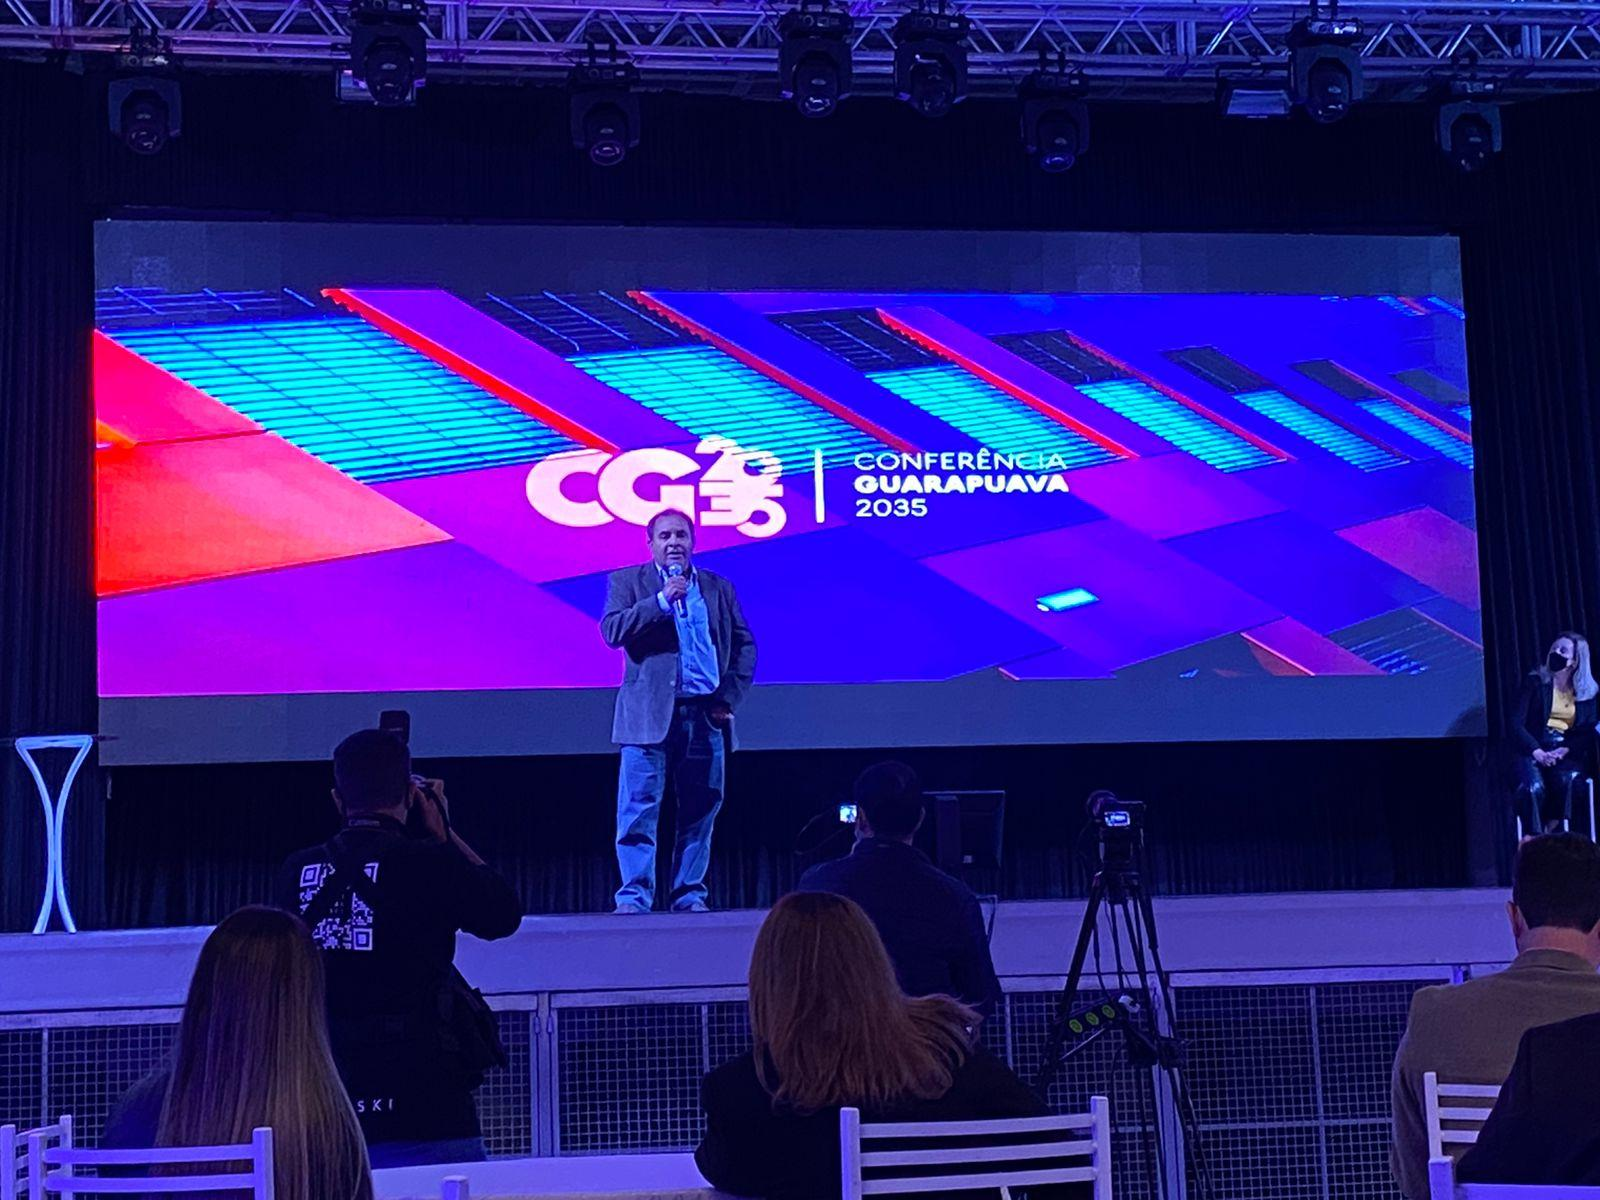 Inovação, tecnologia e futuro: UniGuairacá participa da Conferência Guarapuava 2035